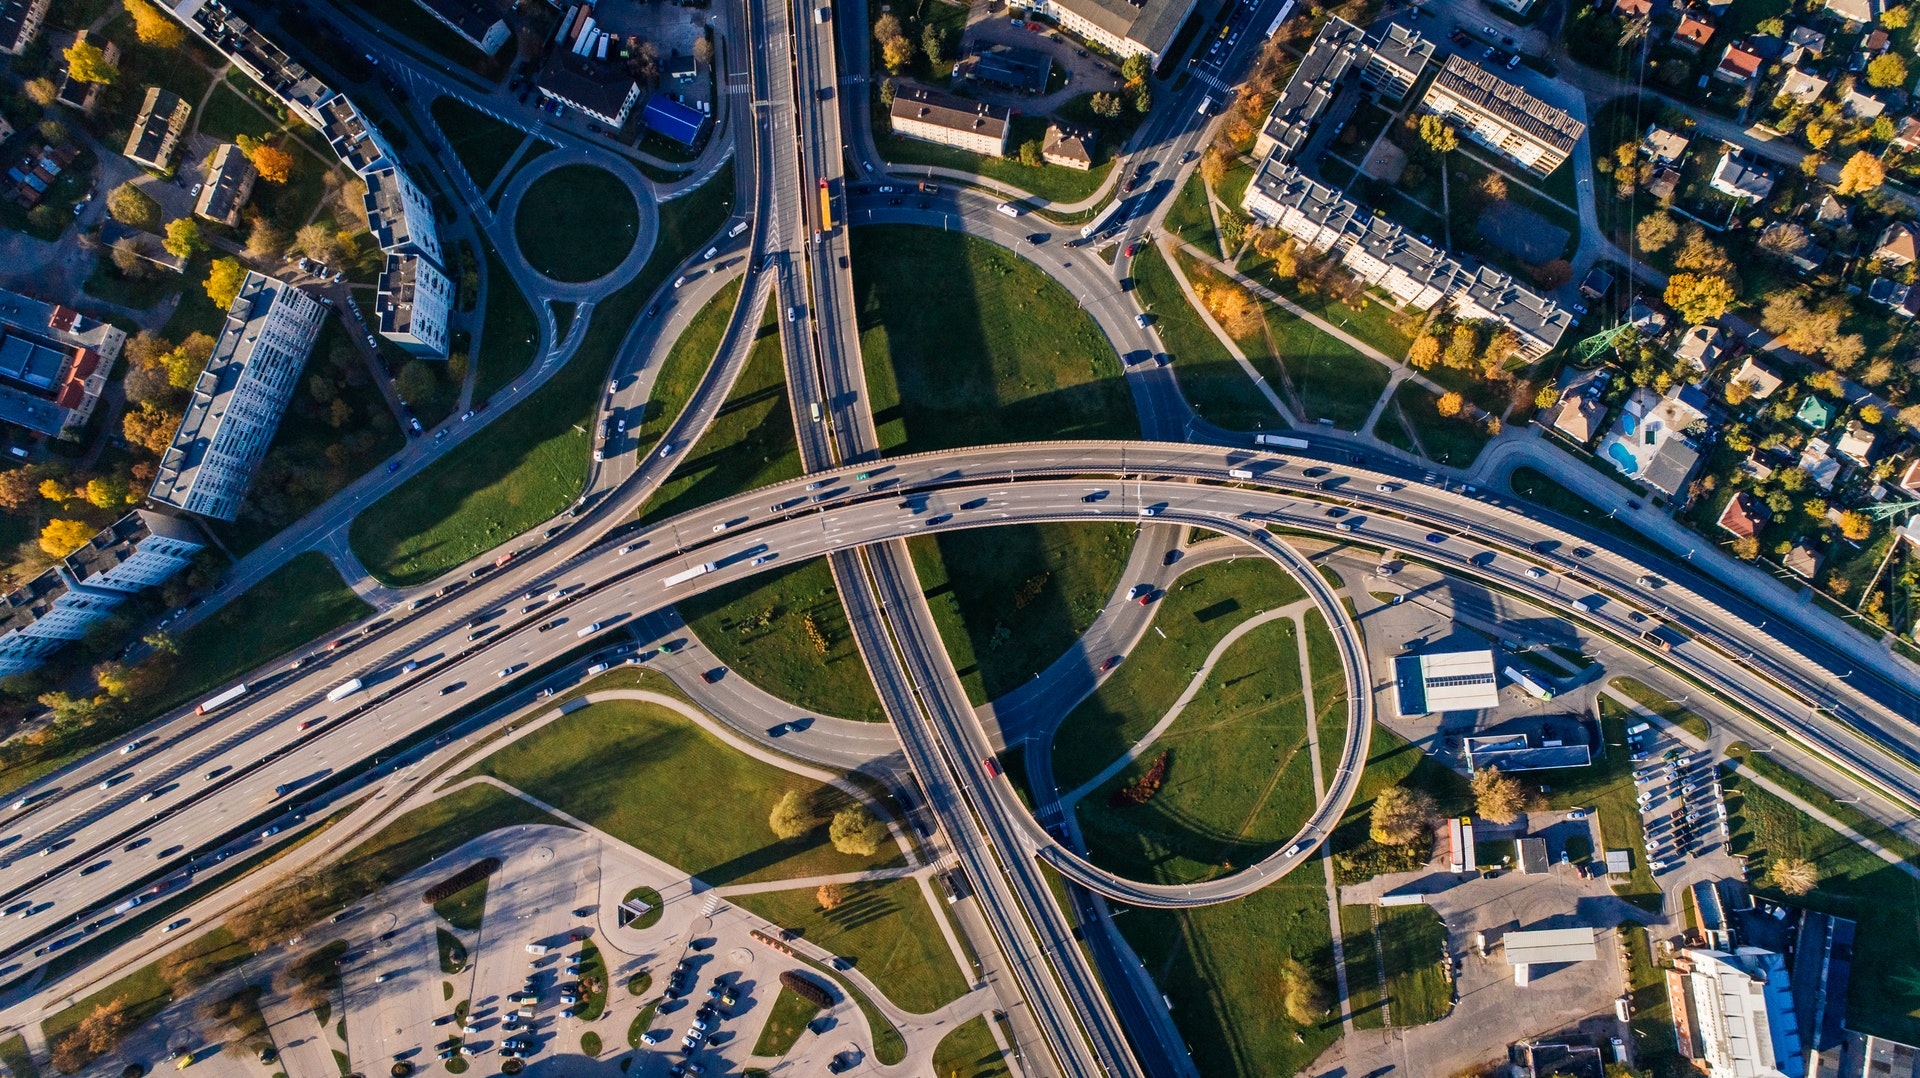 MEC-View: niemiecki projekt autonomizacji ruchu pojazdów w miastach 8